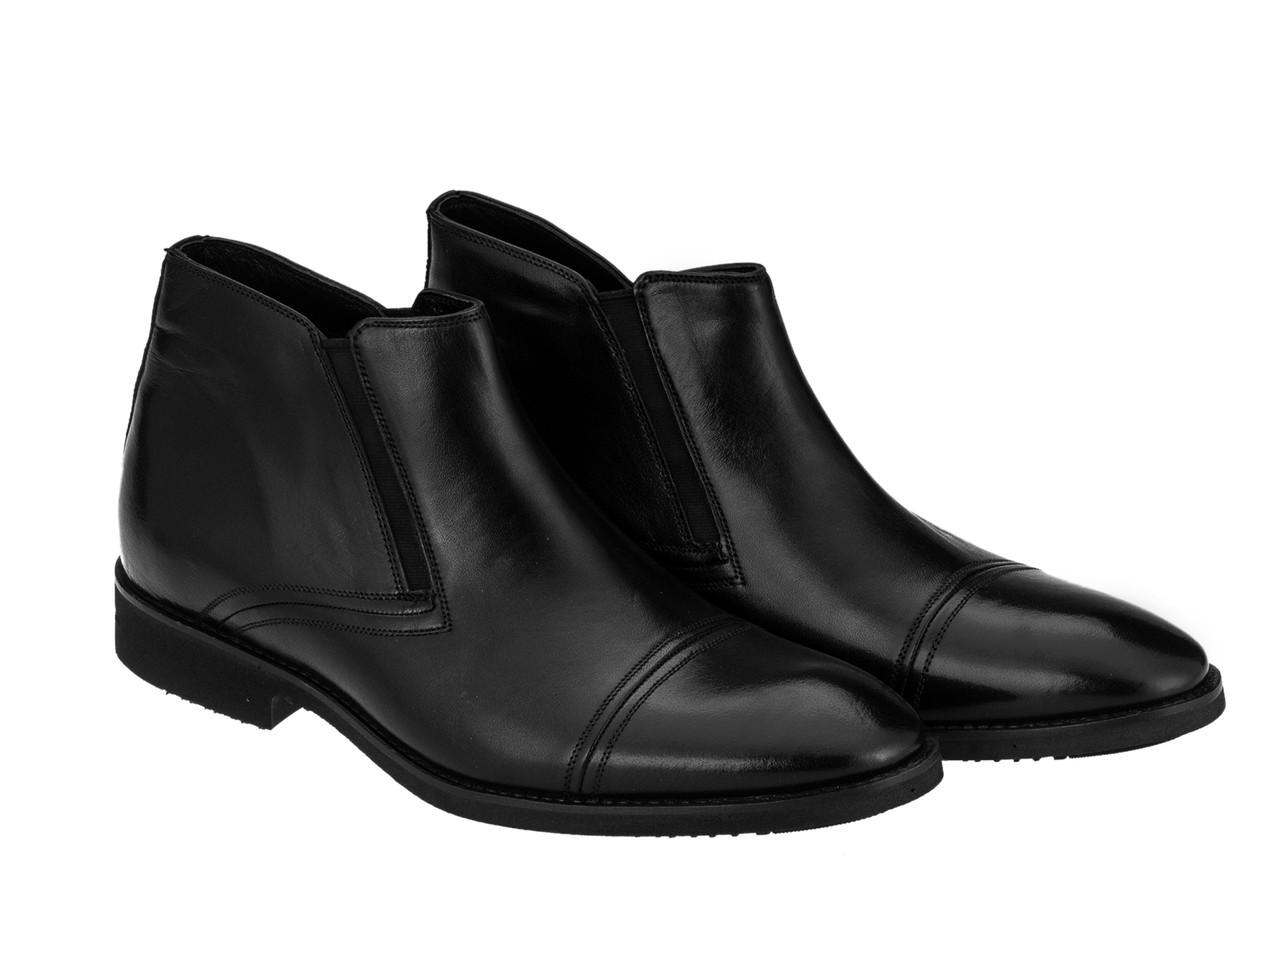 Ботинки Etor 14008-011-354 черные